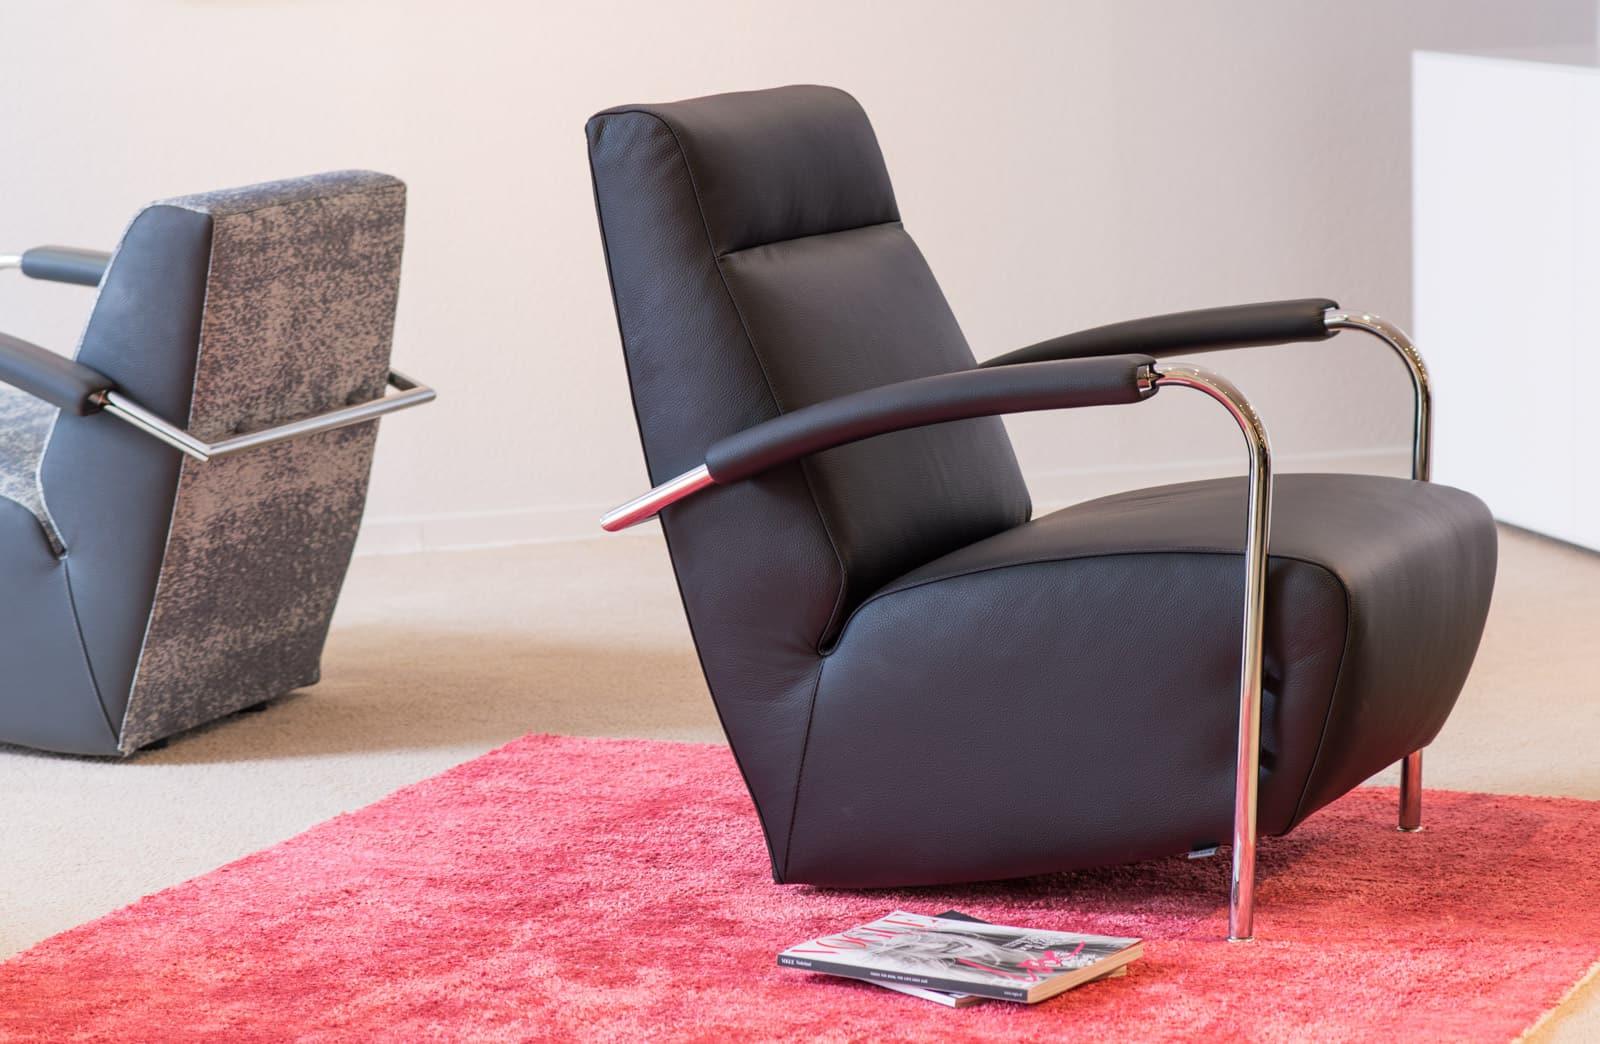 lederen fauteuil